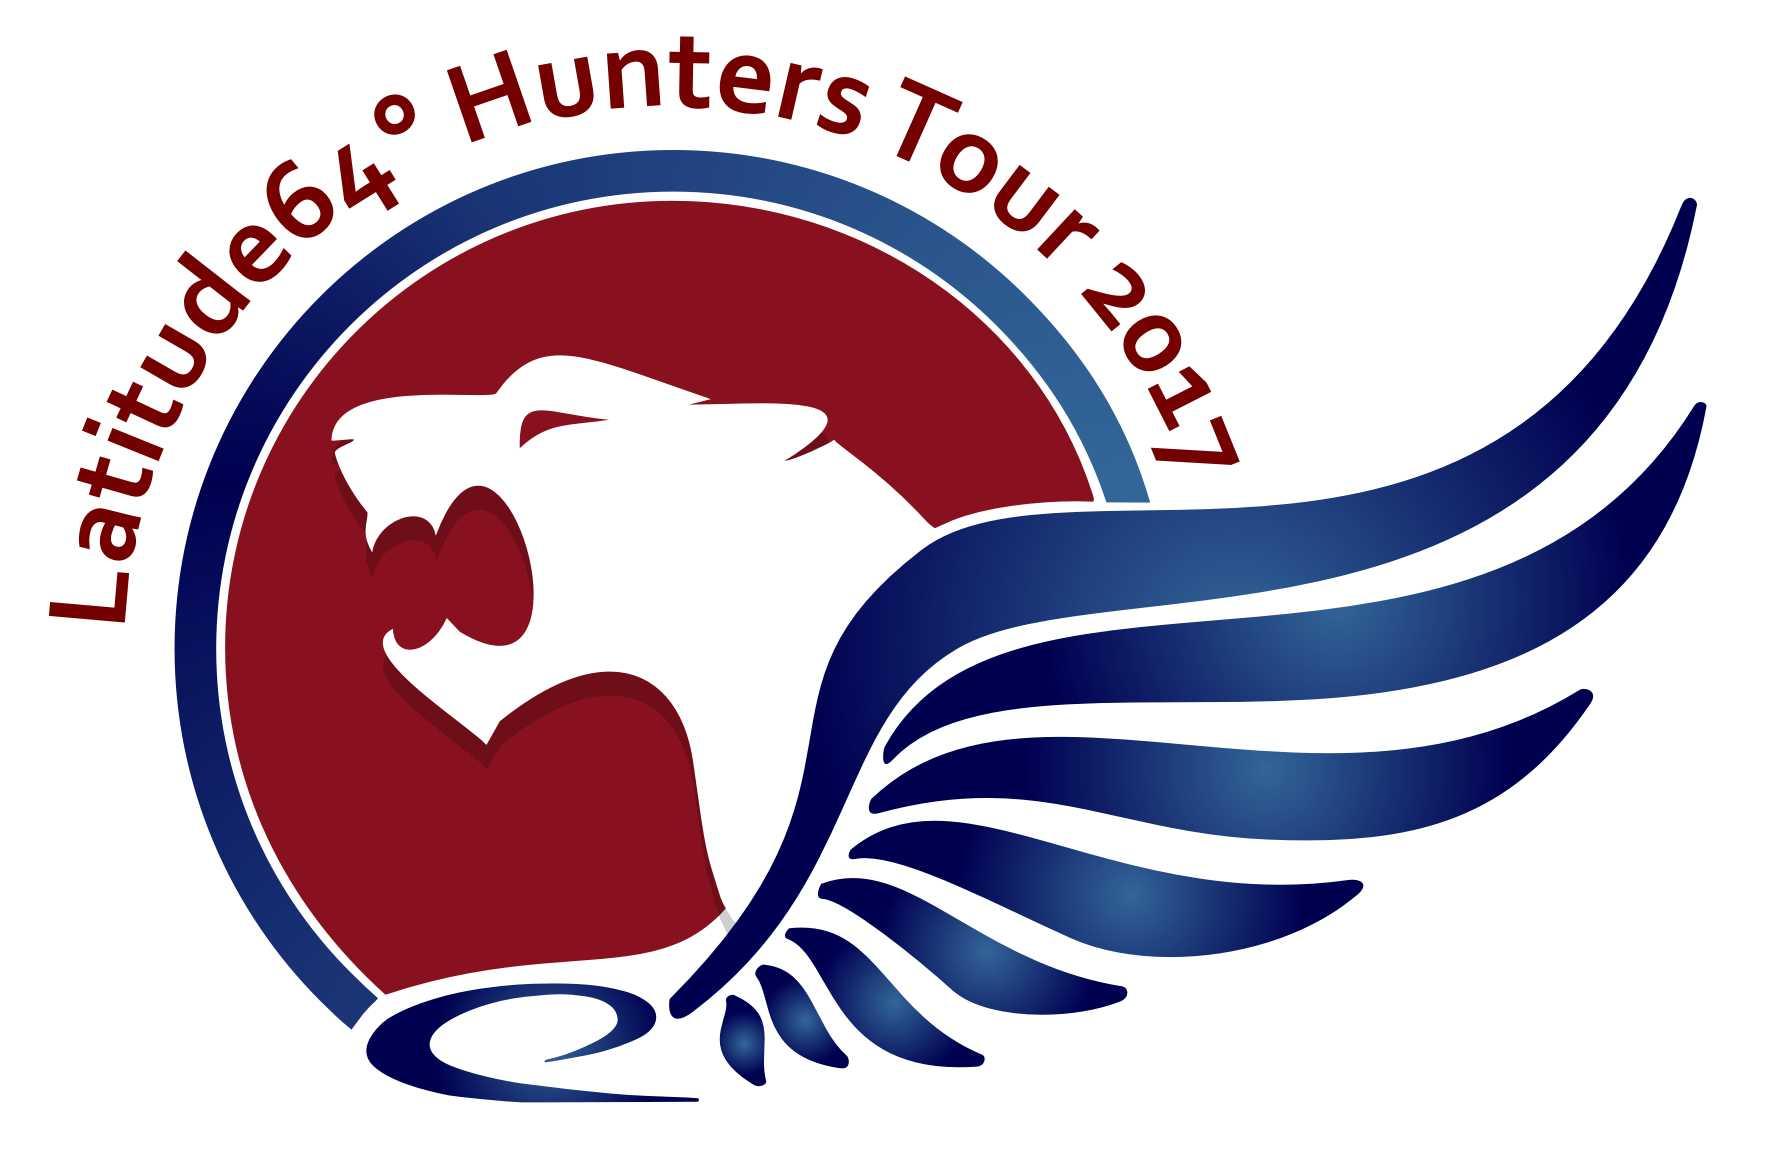 Představujeme nové logo pro Tour